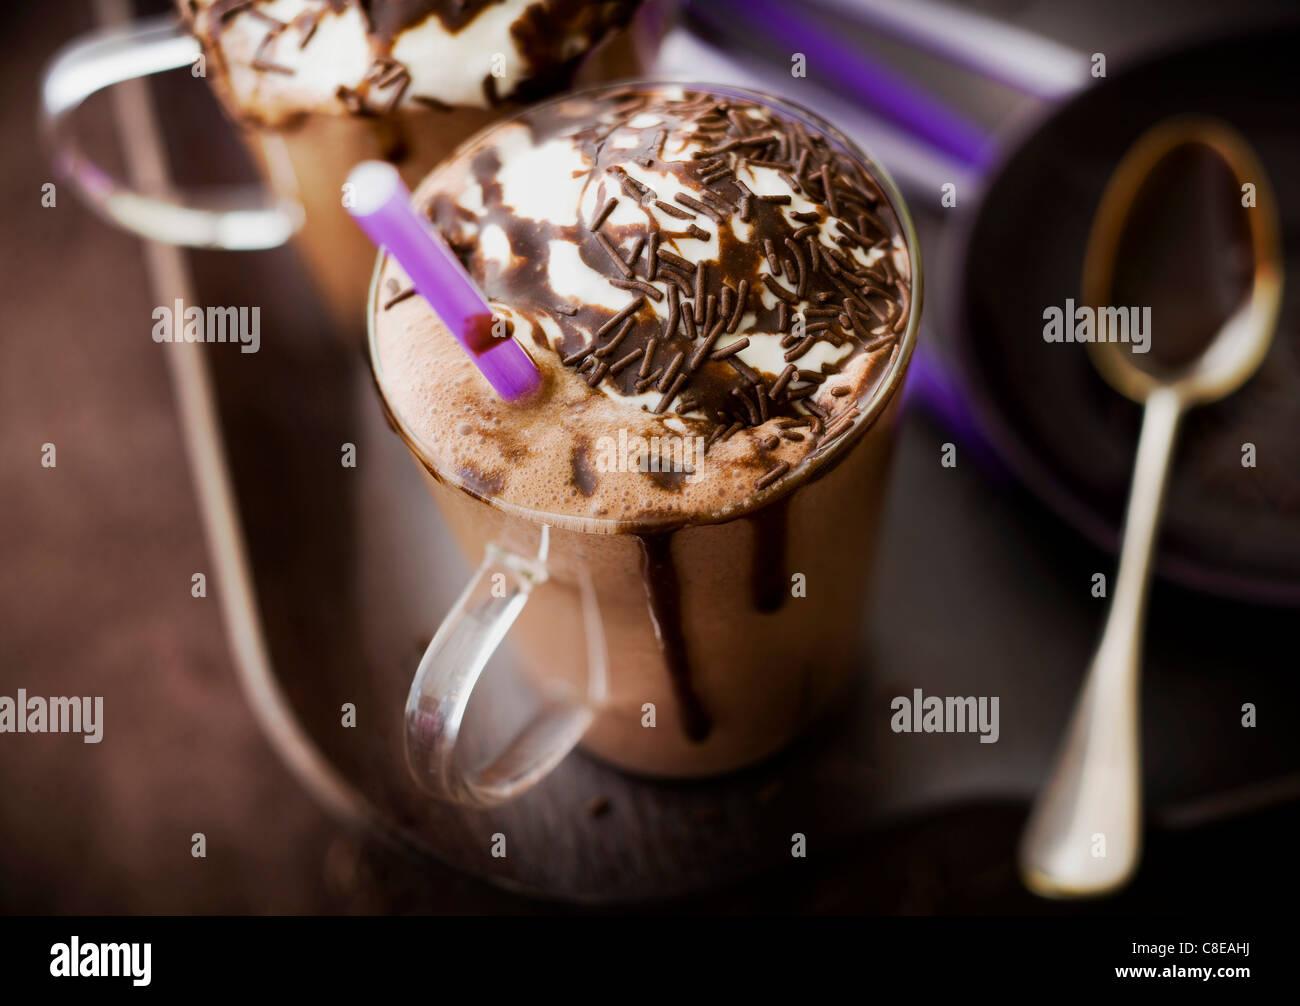 Lait frappé au chocolat Photo Stock